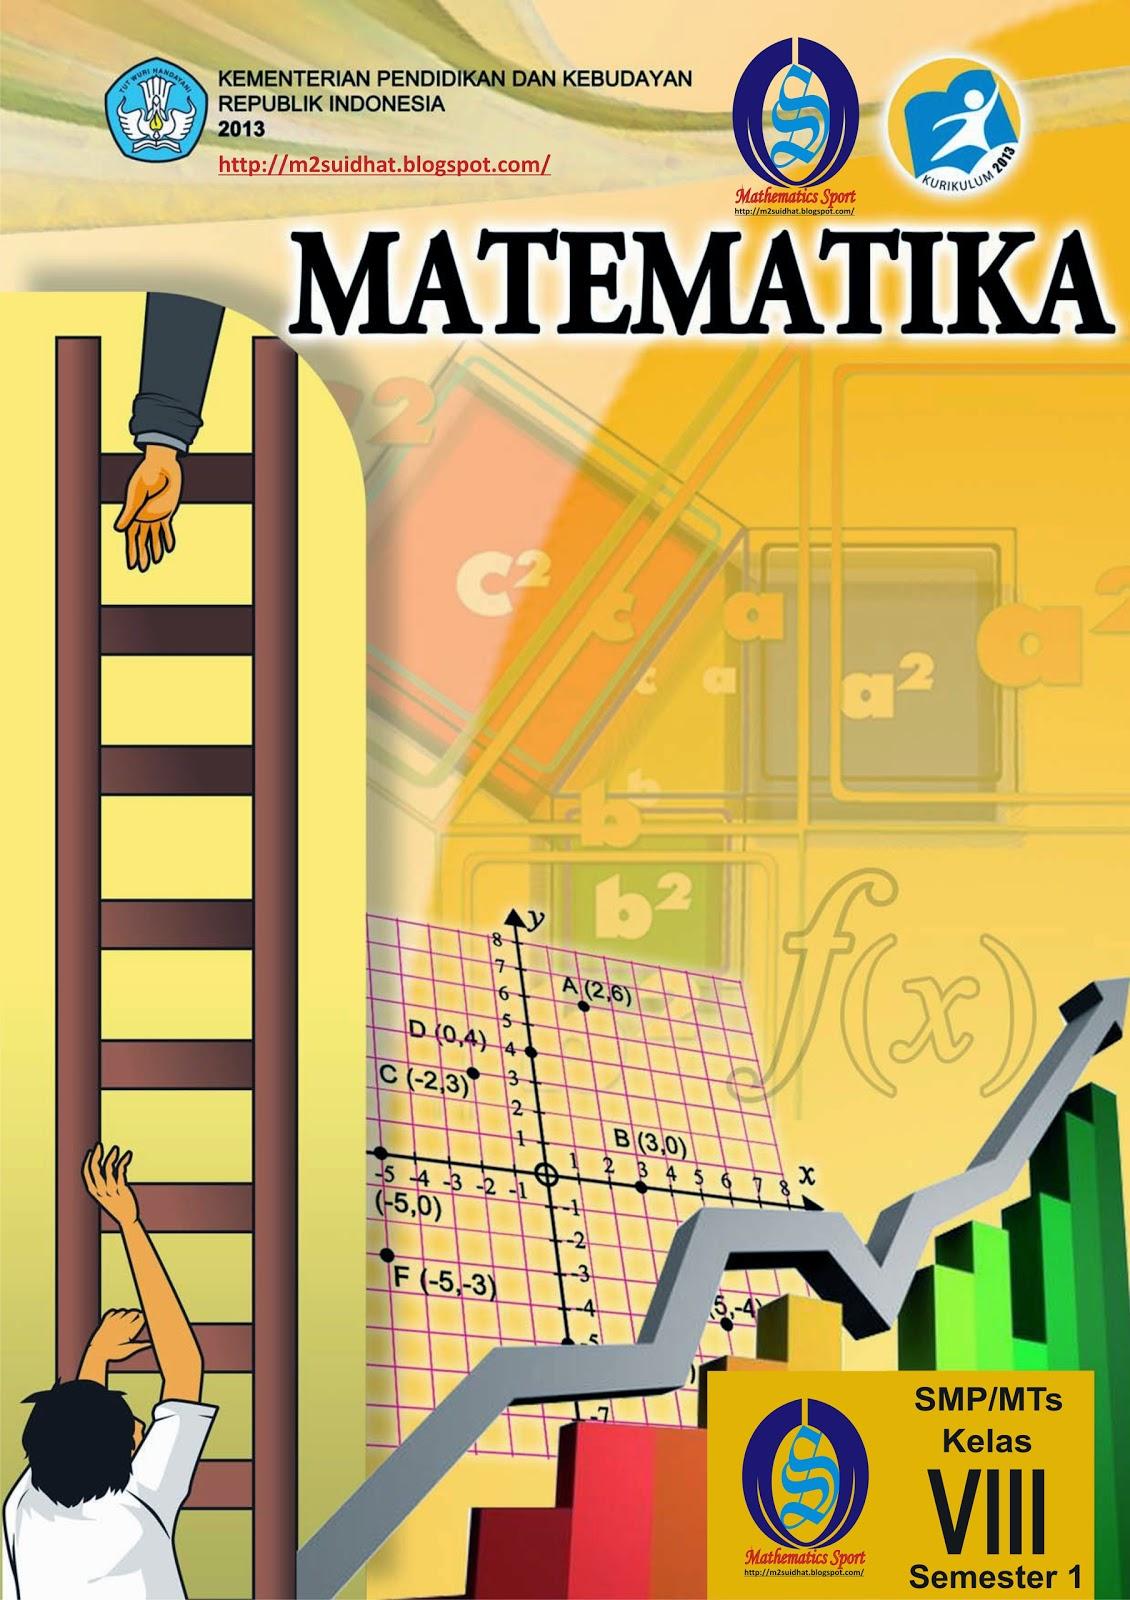 Administrasi Bk Terbaru Administrasi Sekolah It Solution Indonesia 1130 X 1600 Jpeg 287kb Silabus Smp Rpp Matematika Berkarakter Smp Dan